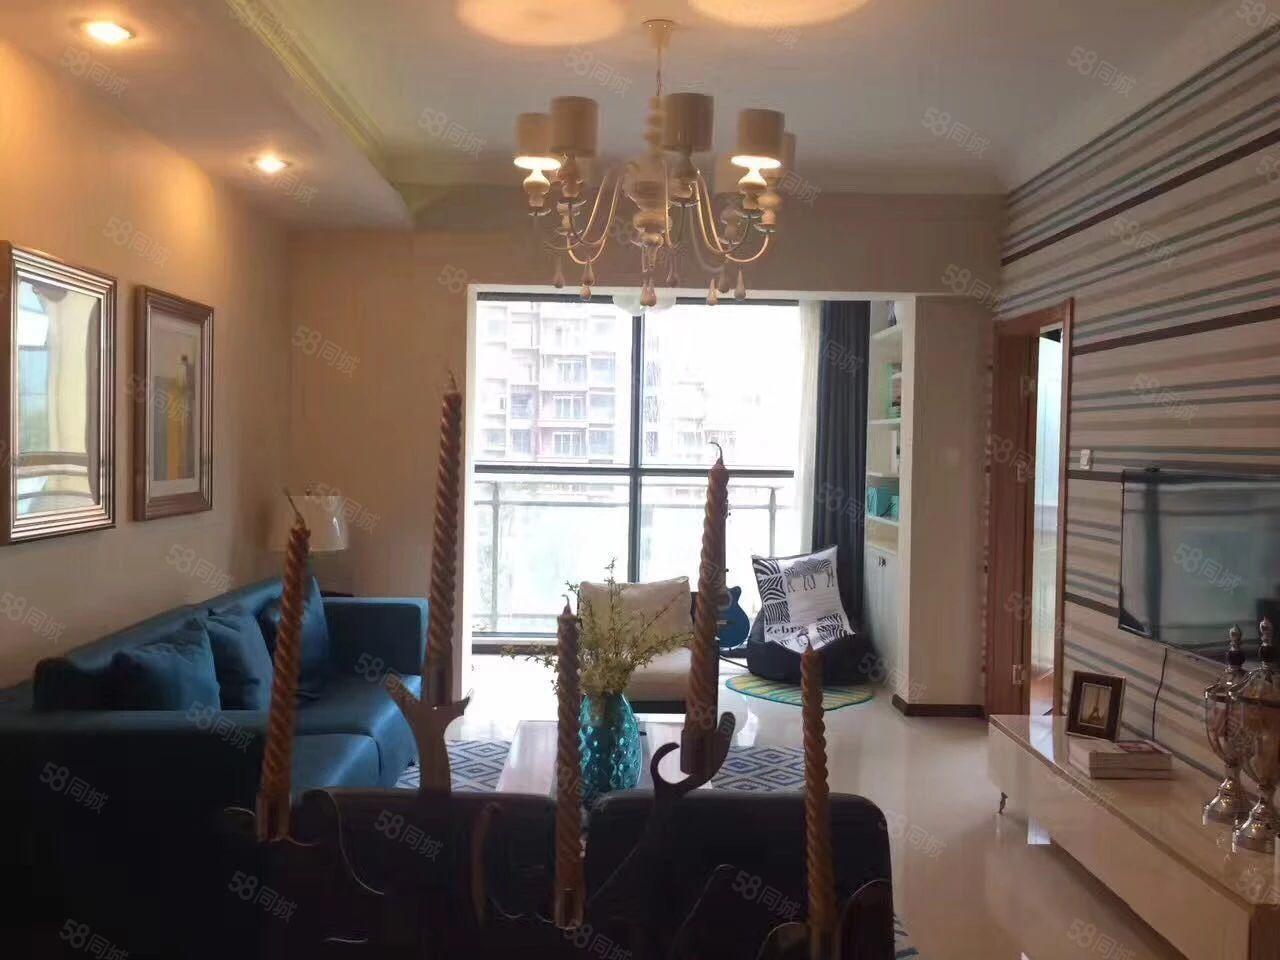 五一特卖玉溪北市区一手现房81平米均价3100元起火热认购